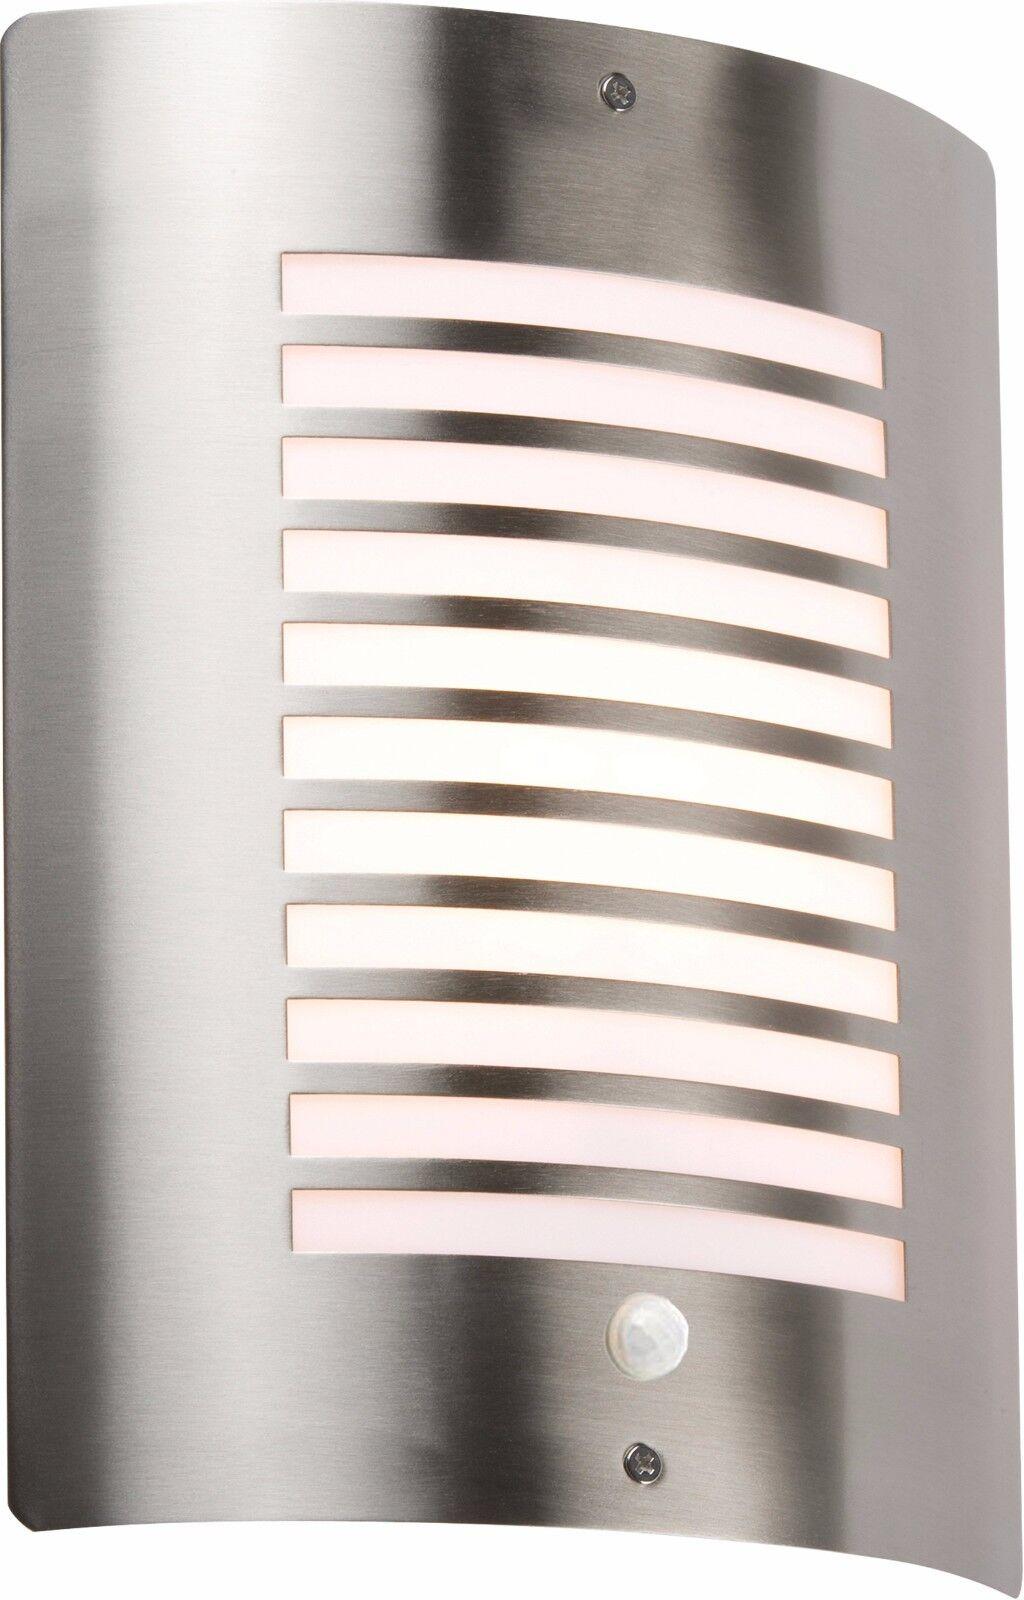 Knightsbridge außen Wandlicht passend Vorrichtung PIR Sensor Edelstahl Lampe | Viele Sorten  | Diversified In Packaging  | Haltbarkeit